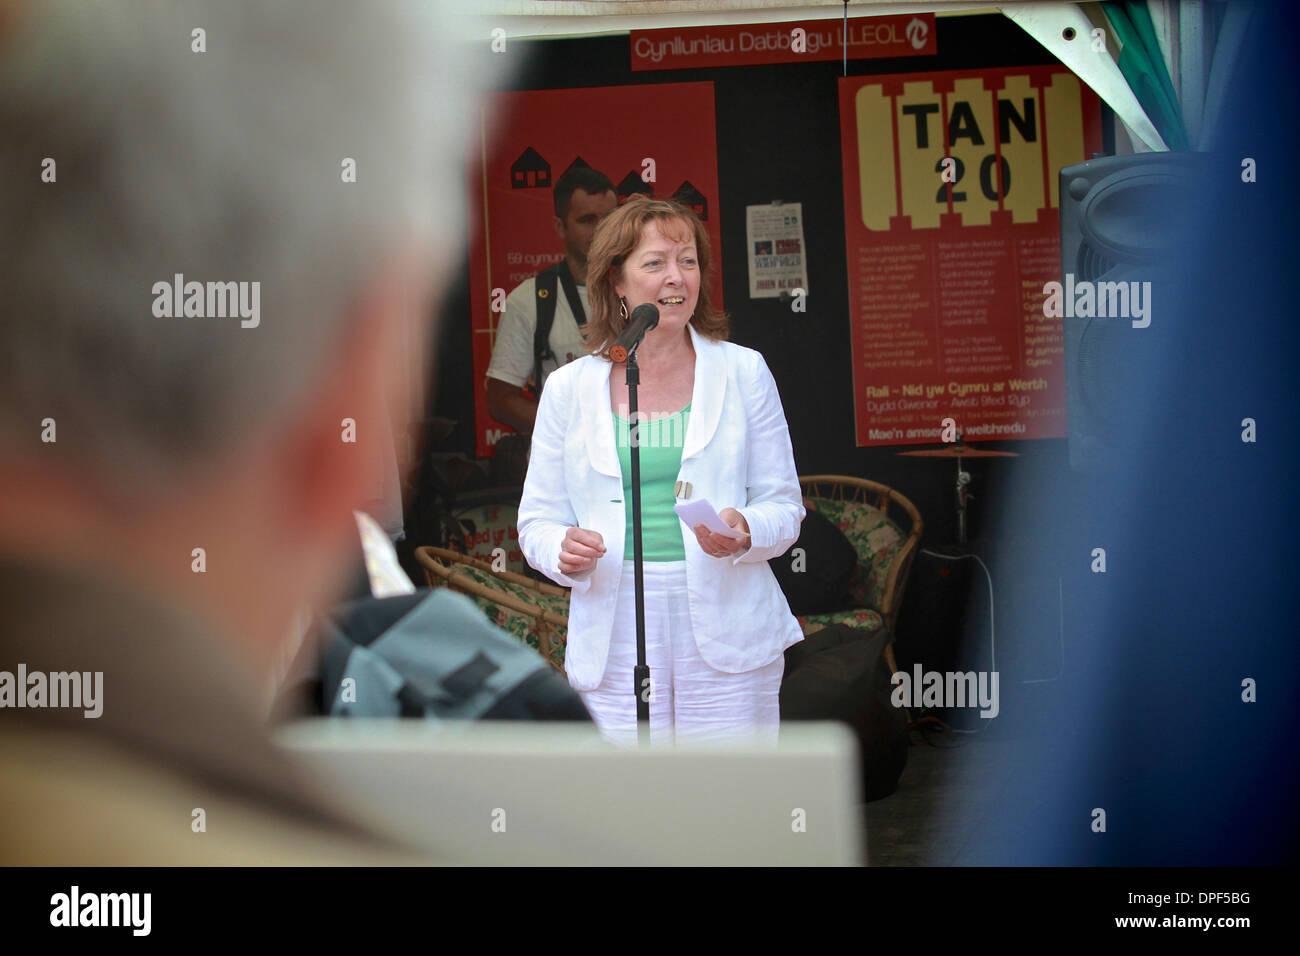 L'eurodéputée Jill Evans, Plaid Cymru Membre du Parlement européen pour le pays de Galles. Président de la CND Cymru ancien président du Plaid Cymru. Photo Stock